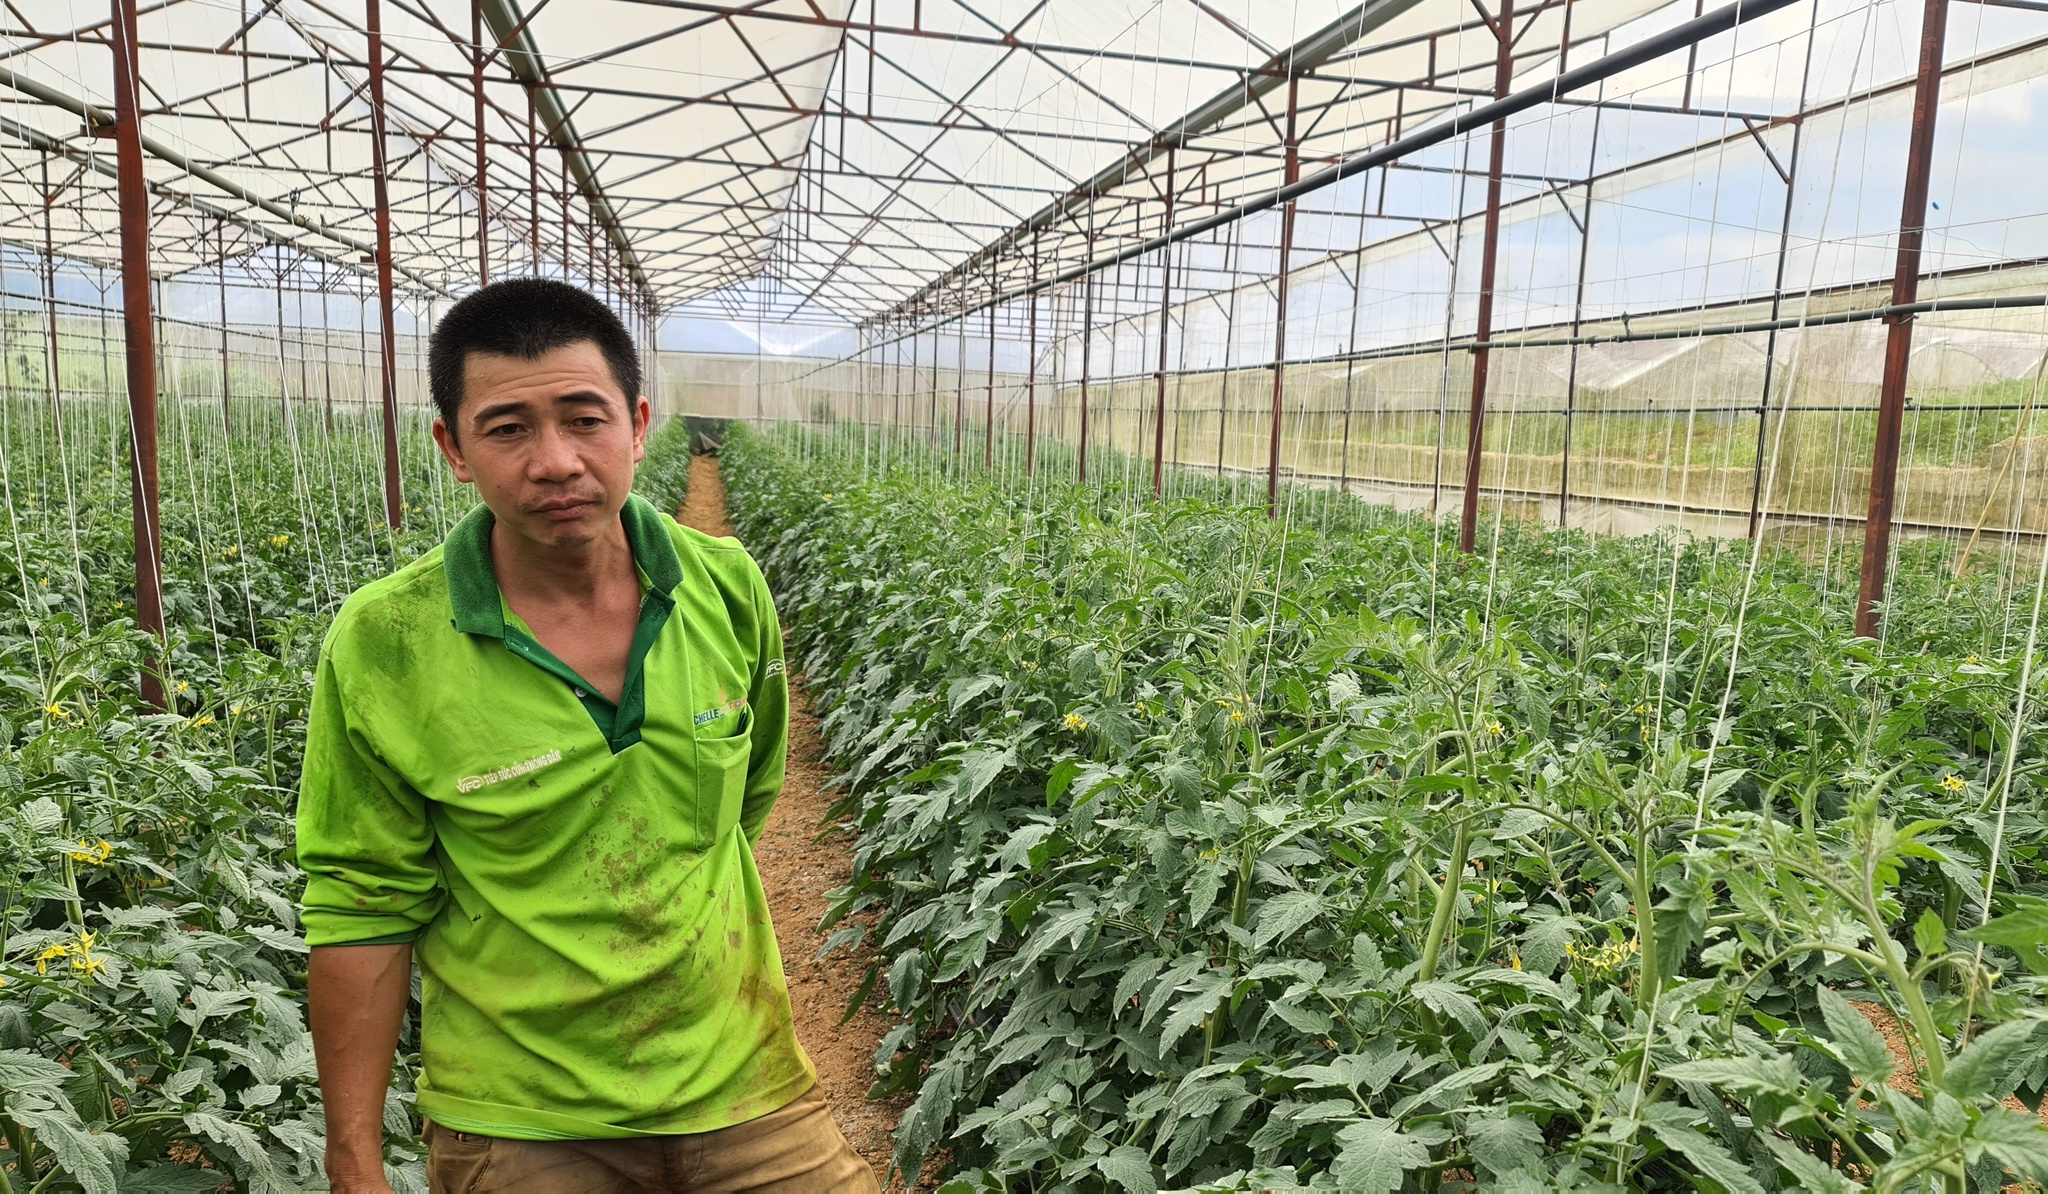 Anh Diệp Phú Cường bên vườn cà chua đang hồi hộp chờ sau ngày 15.9 nông sản sẽ trôi chảy. Ảnh: Lâm Viên